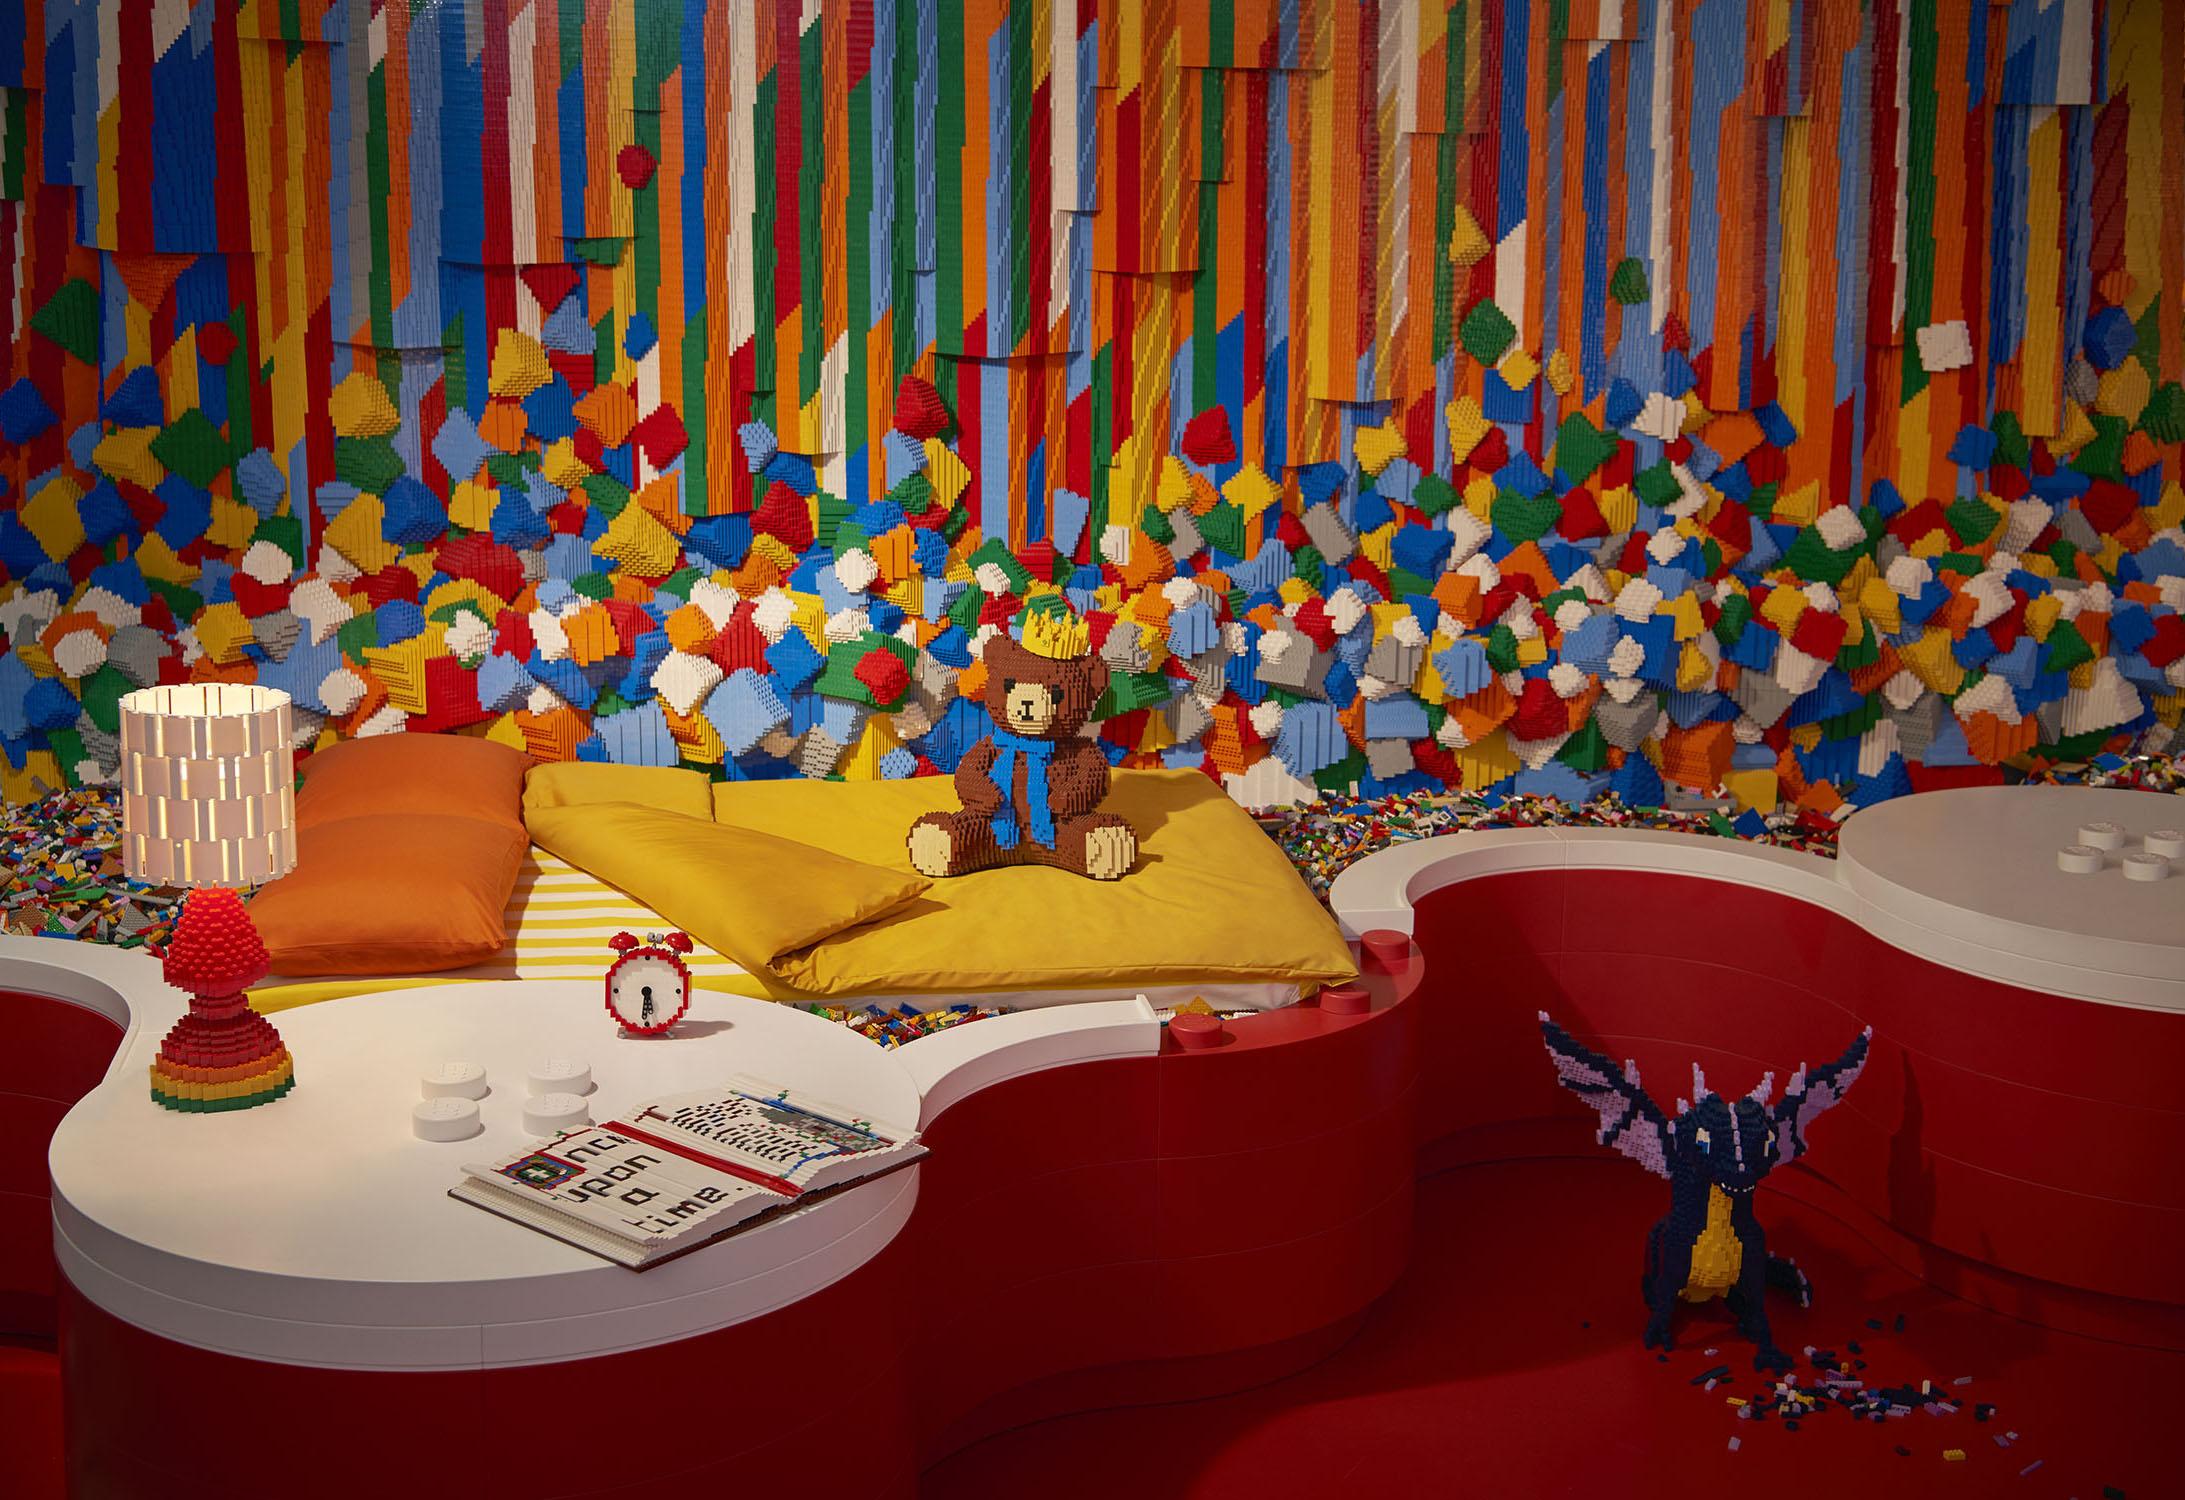 Nachts Im Lego House Exklusive übernachtung Mit Airbnb Zusammengebaut